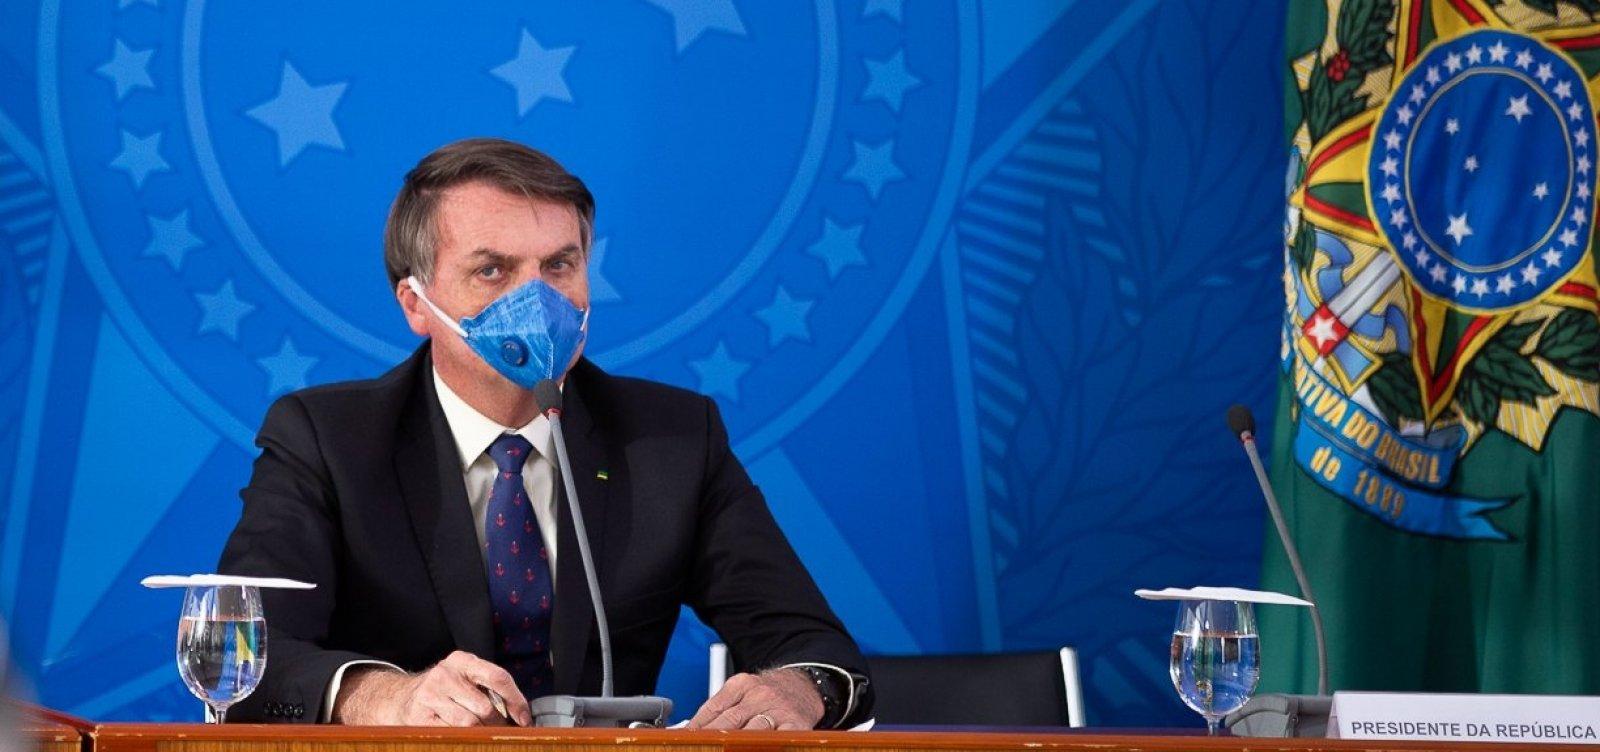 Após aumento de preços, Bolsonaro reafirma que não tem influência sobre Petrobras